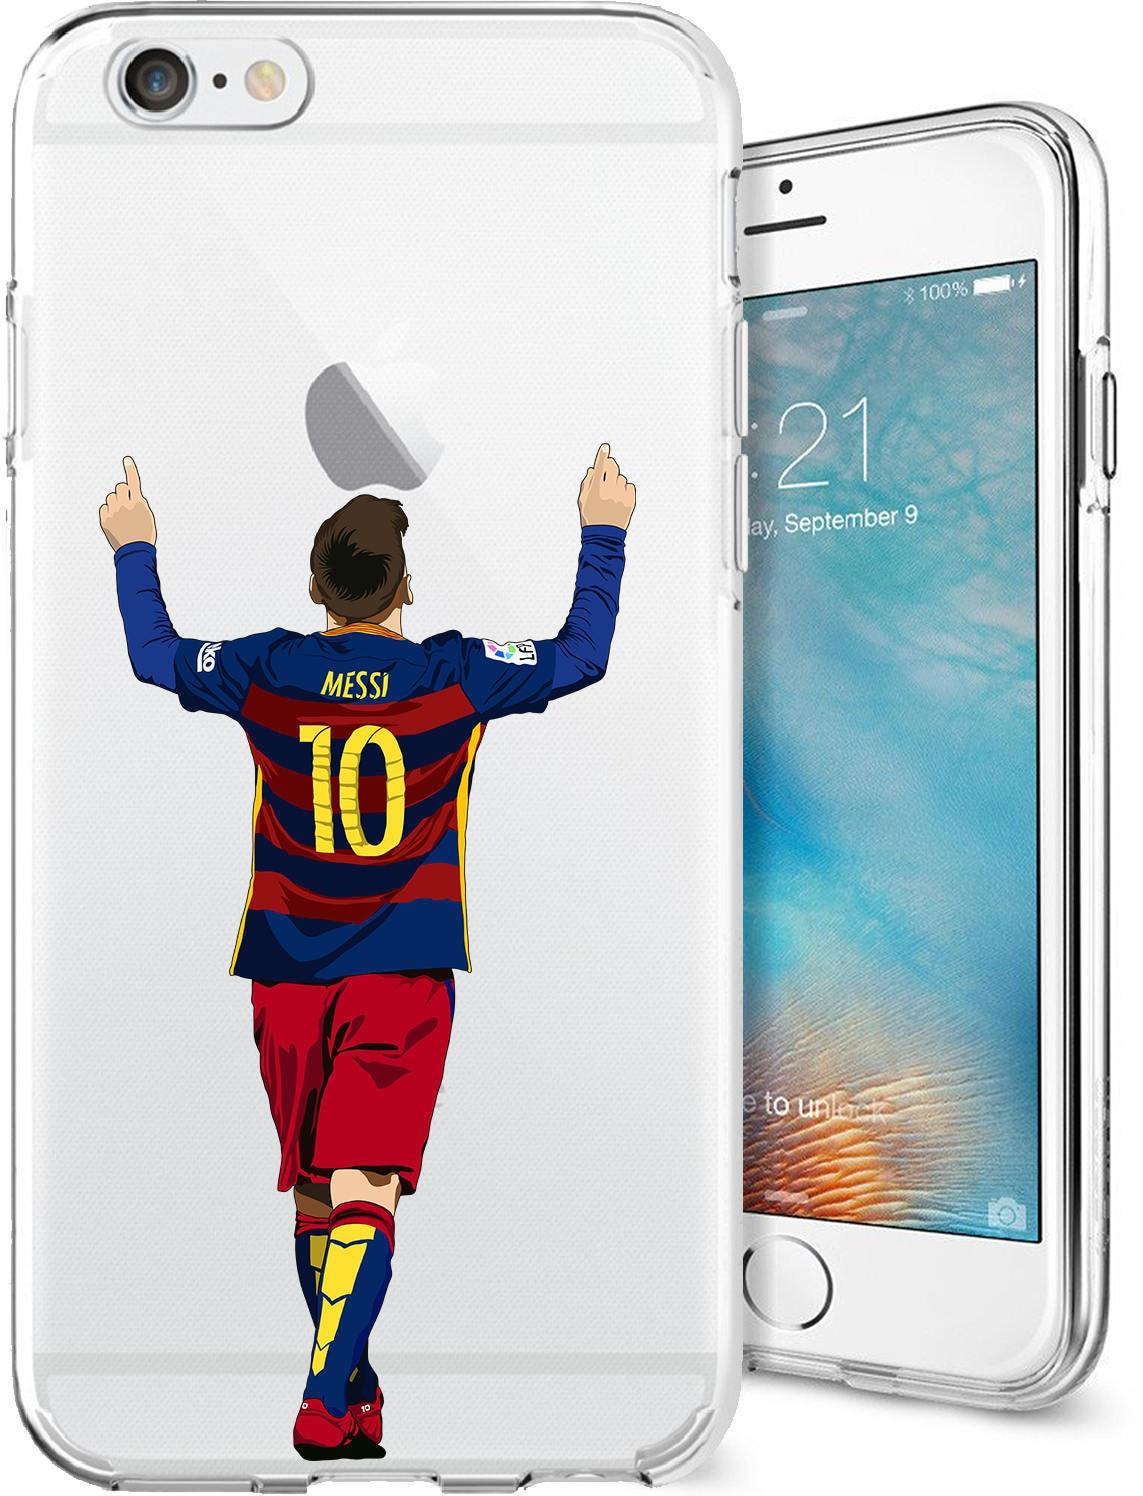 coque iphone 5 de foot messi